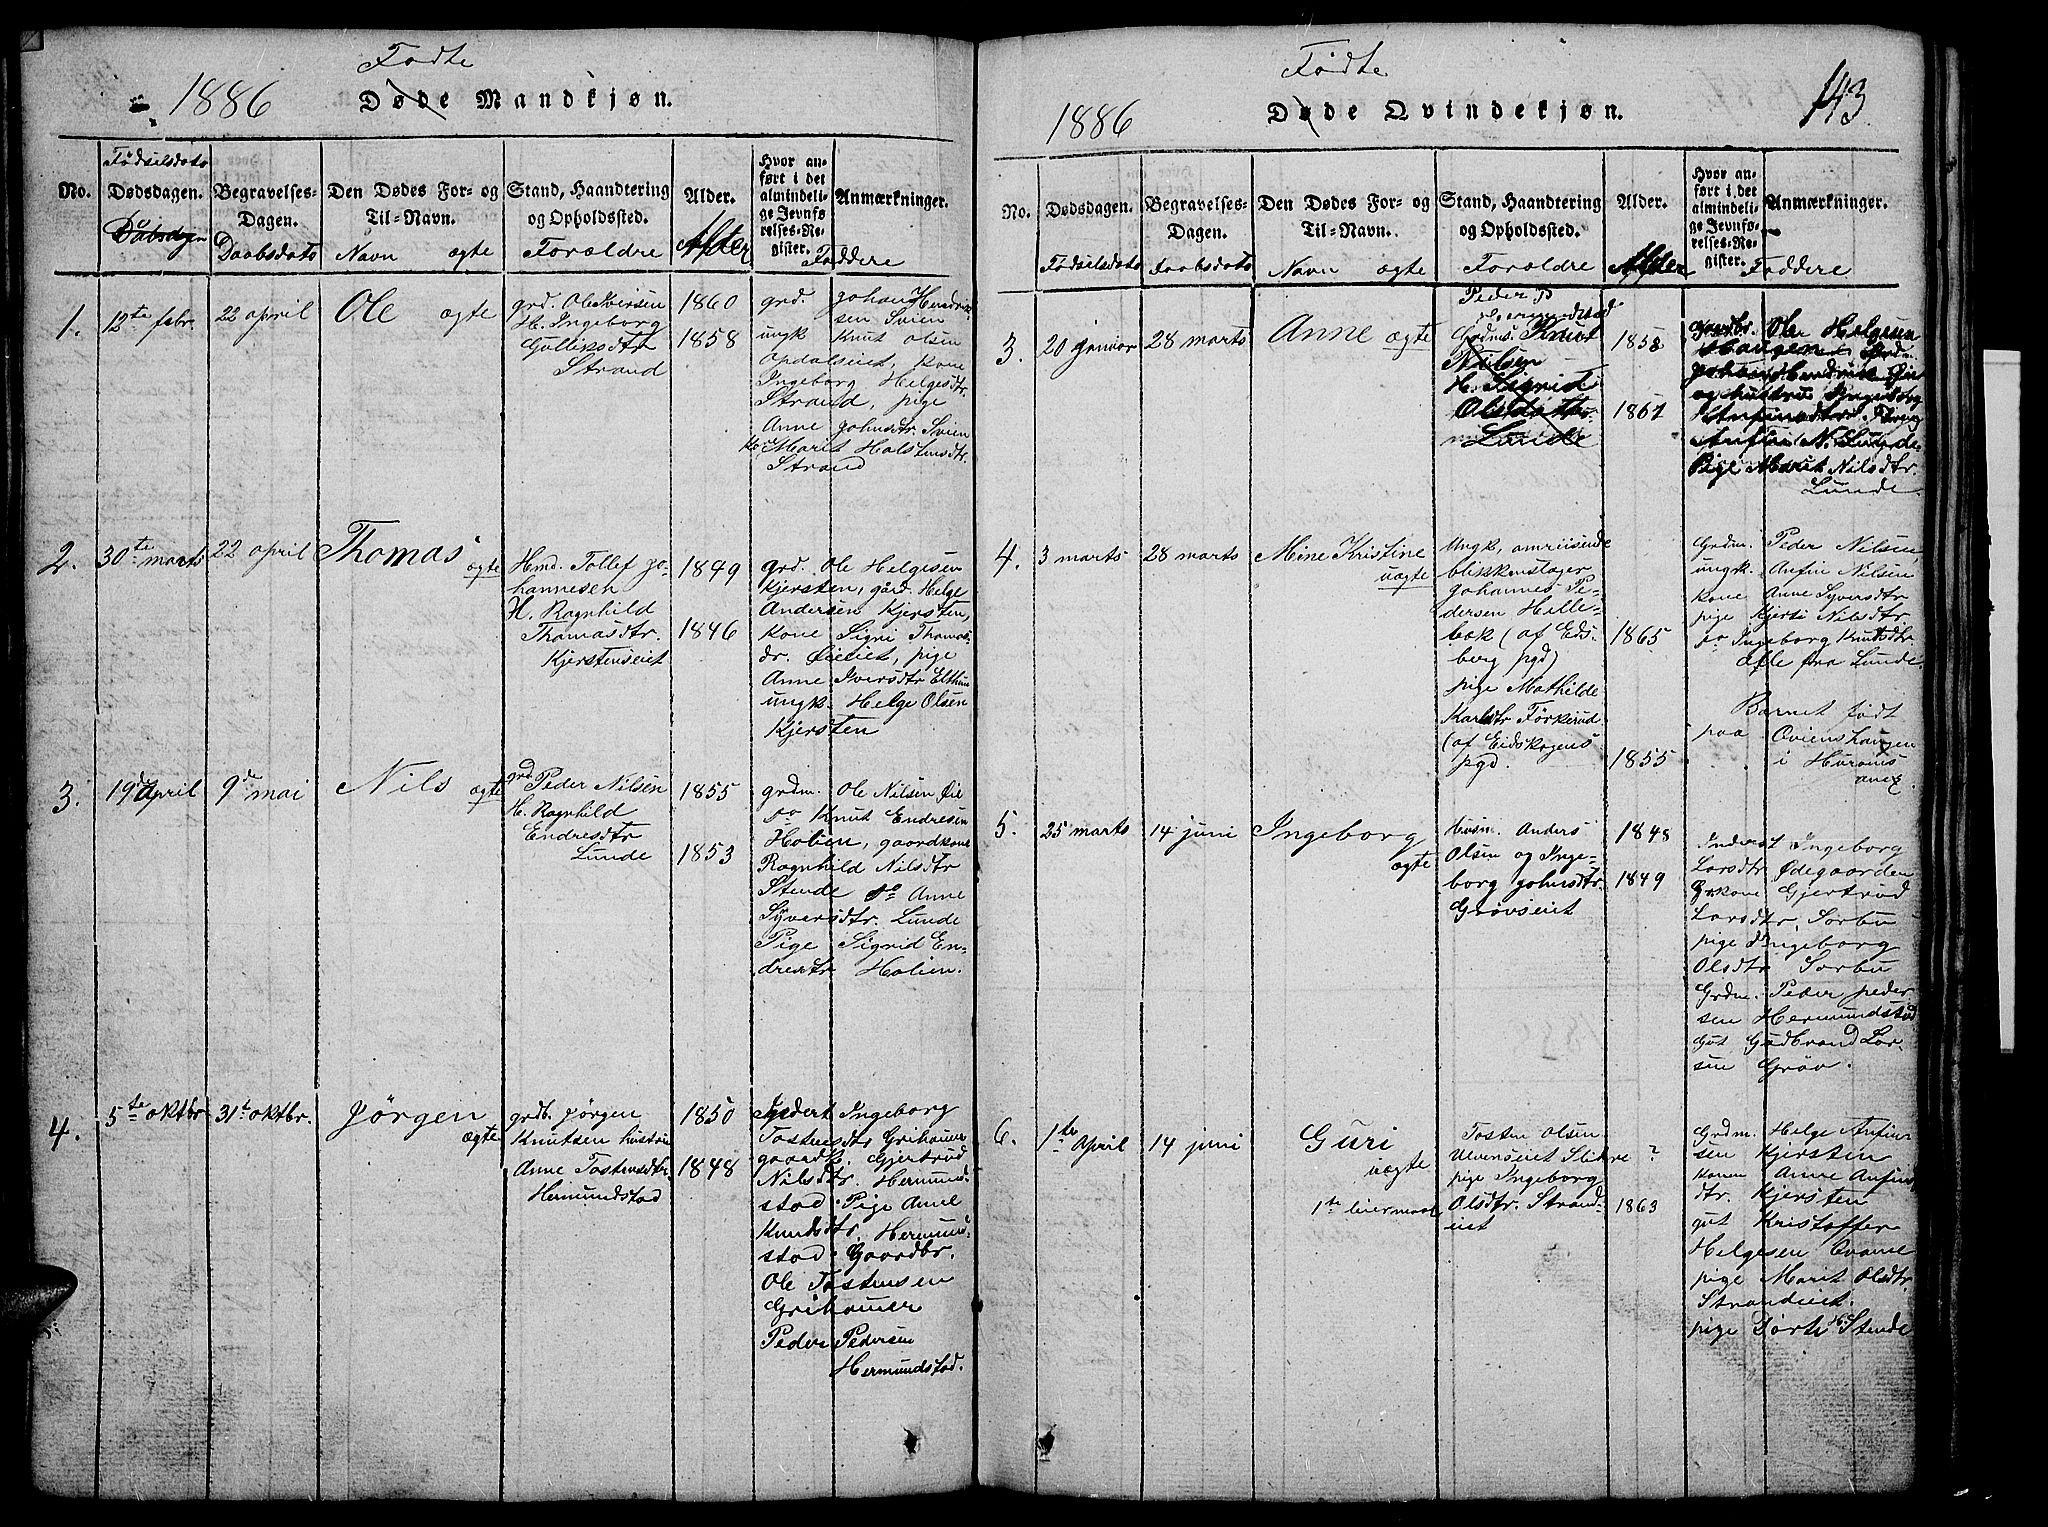 SAH, Vang prestekontor, Valdres, Klokkerbok nr. 2, 1814-1889, s. 143